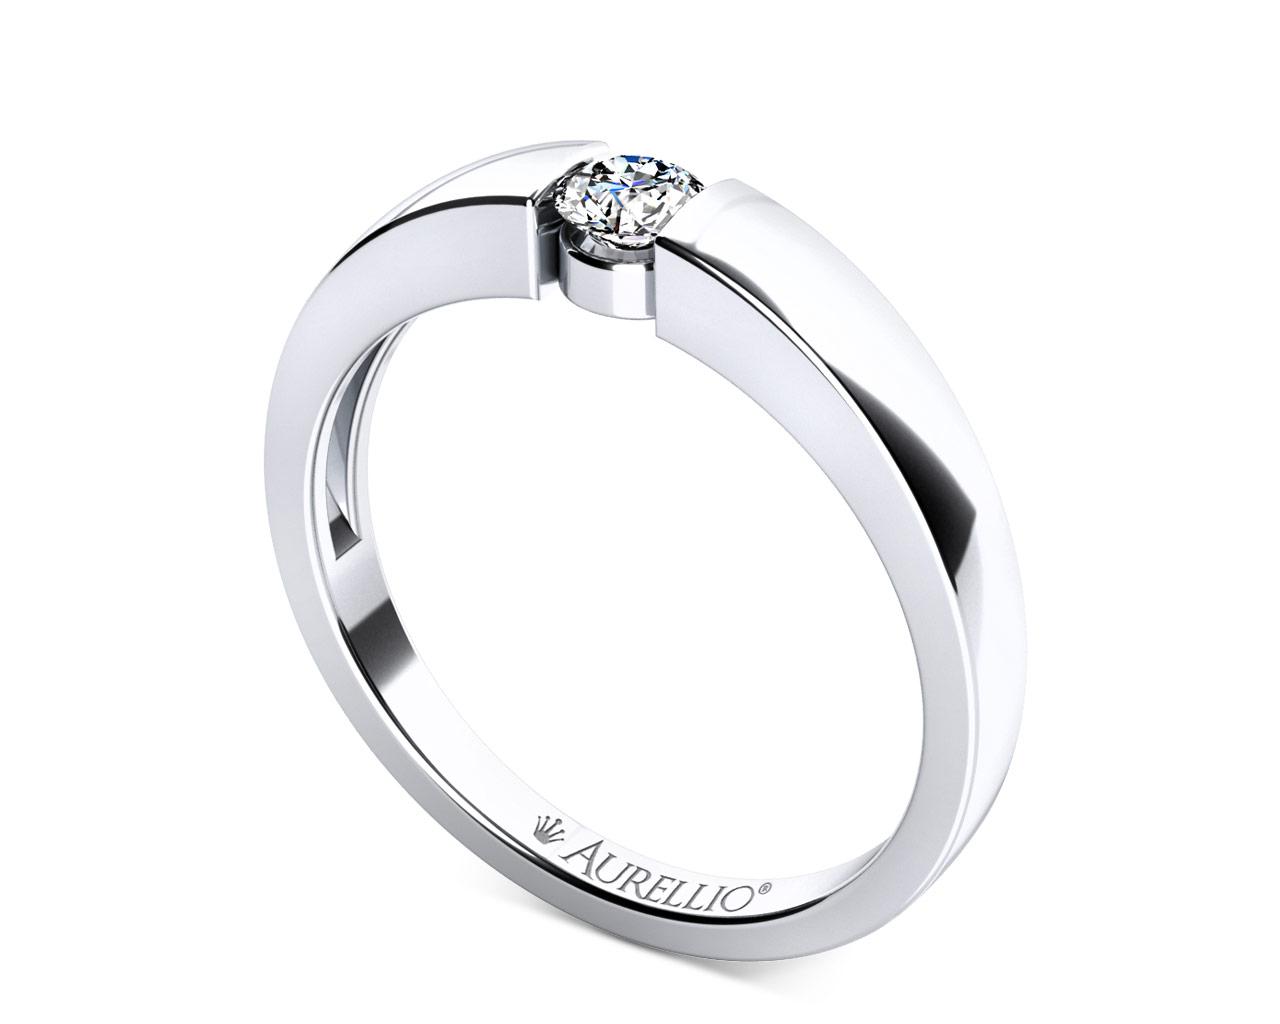 Zásnubní prsten - Souhvězdí Kompas 1. fotka